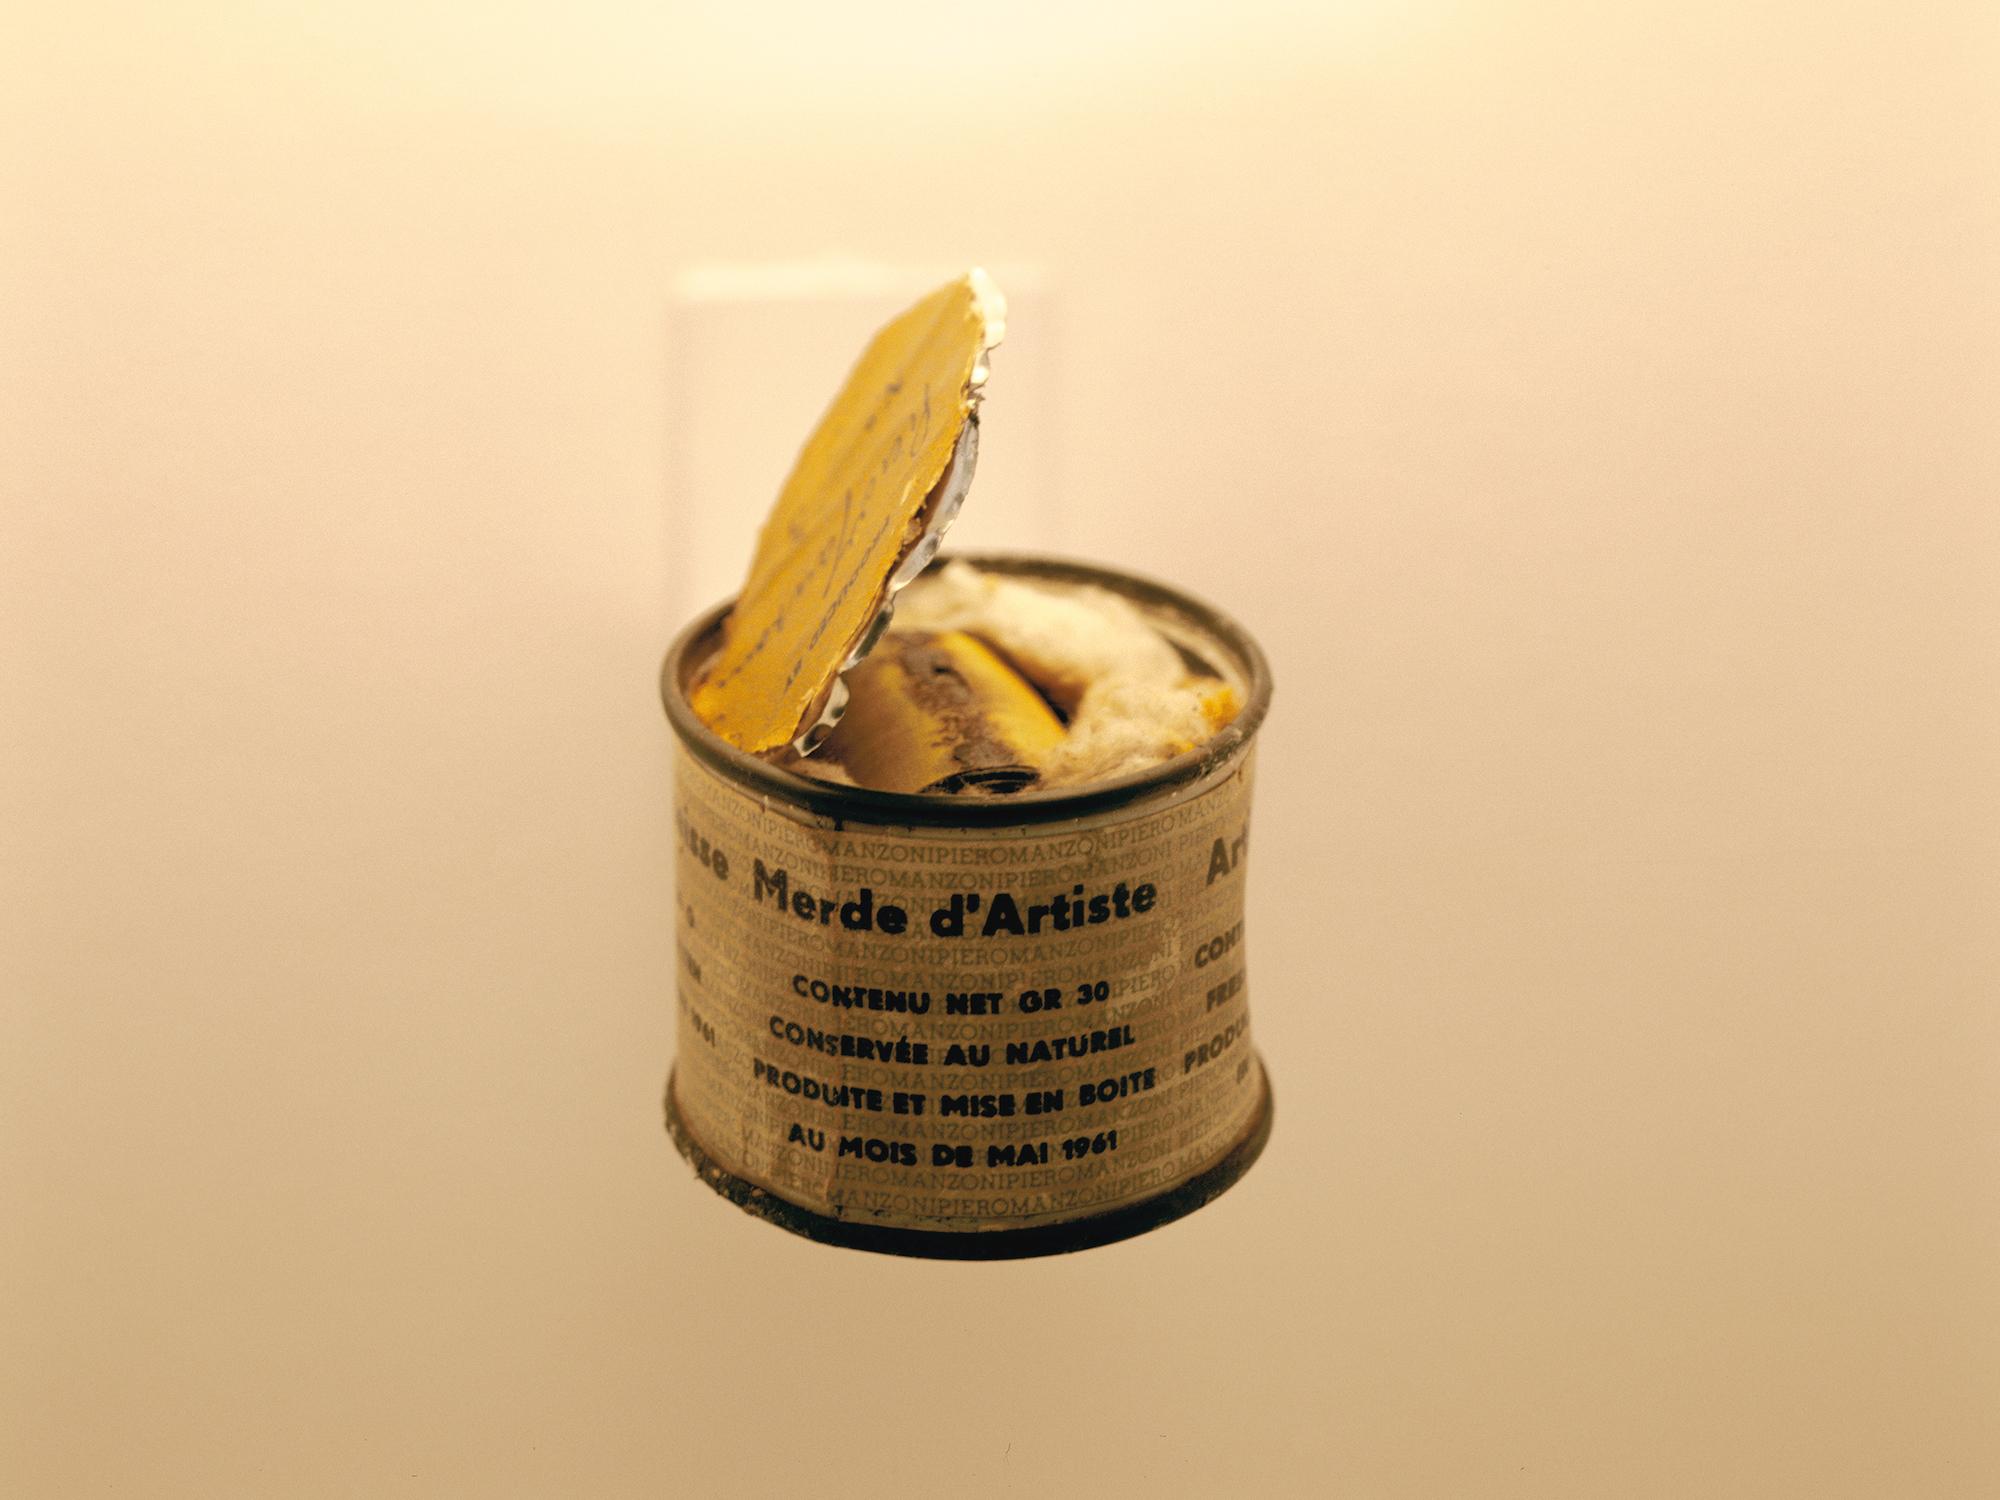 Noch gruseliger: Die von Bernard Bazile geöffnet Büchse mit Manzonis «Merda d'artista»